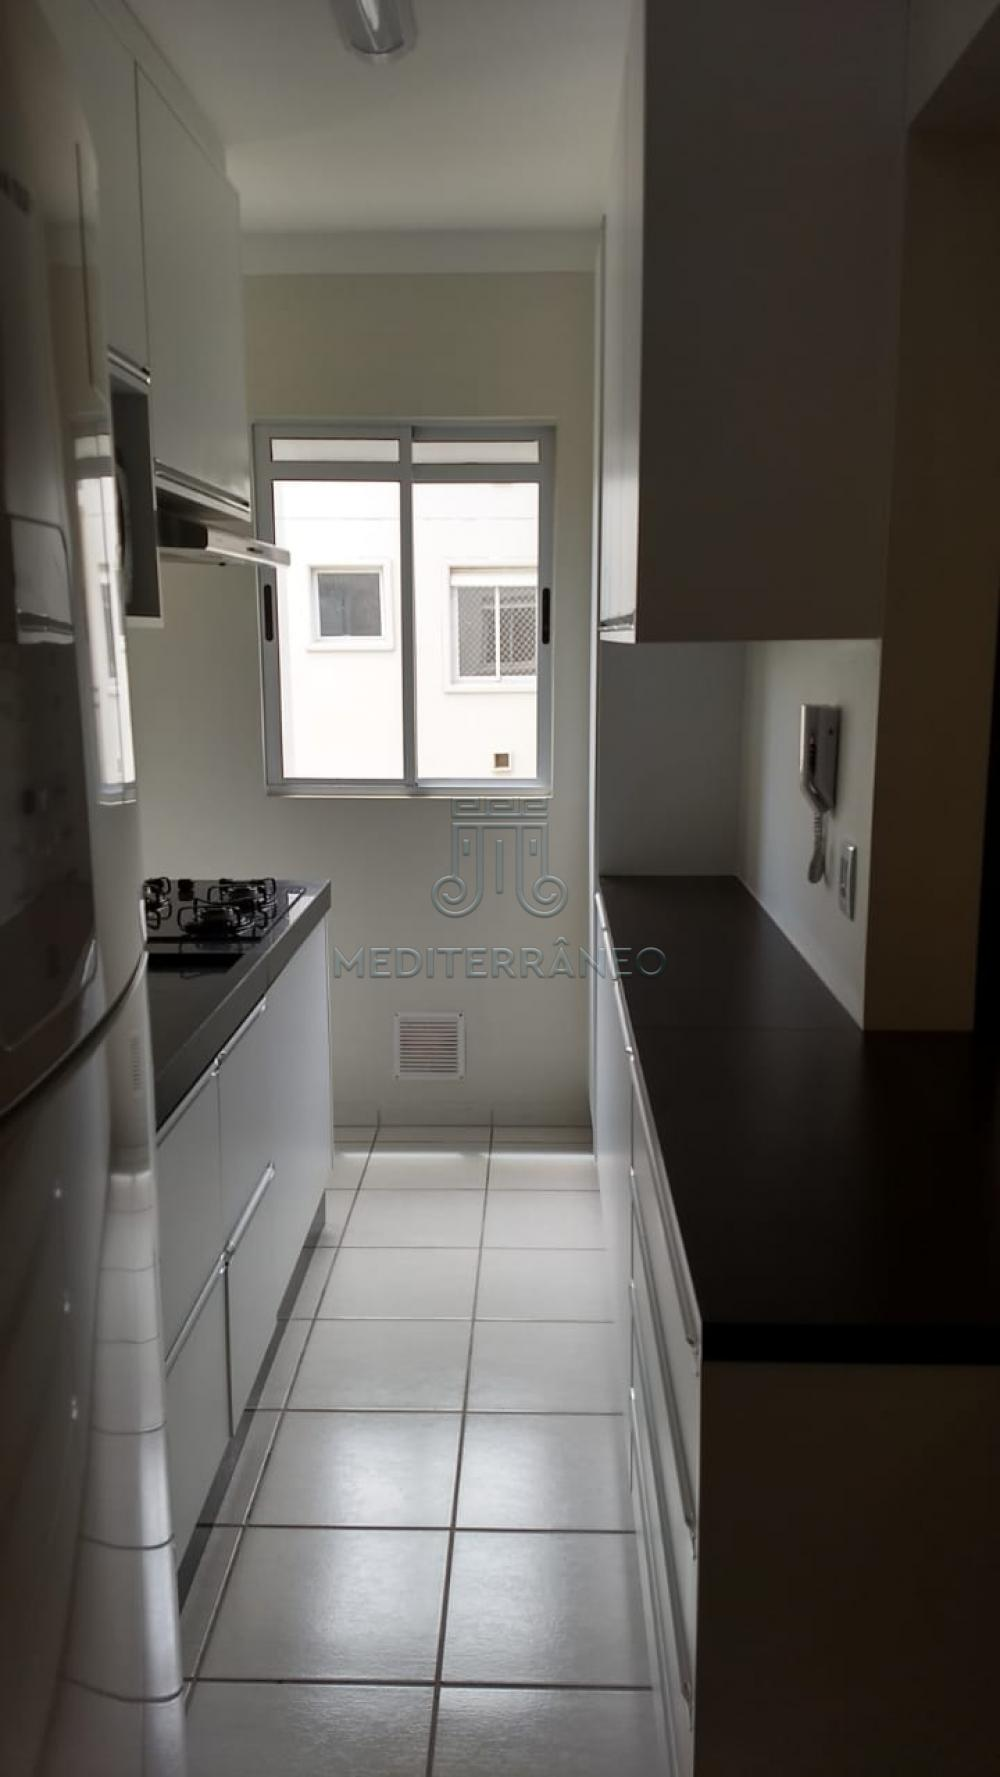 Comprar Apartamento / Padrão em Jundiaí apenas R$ 245.000,00 - Foto 6